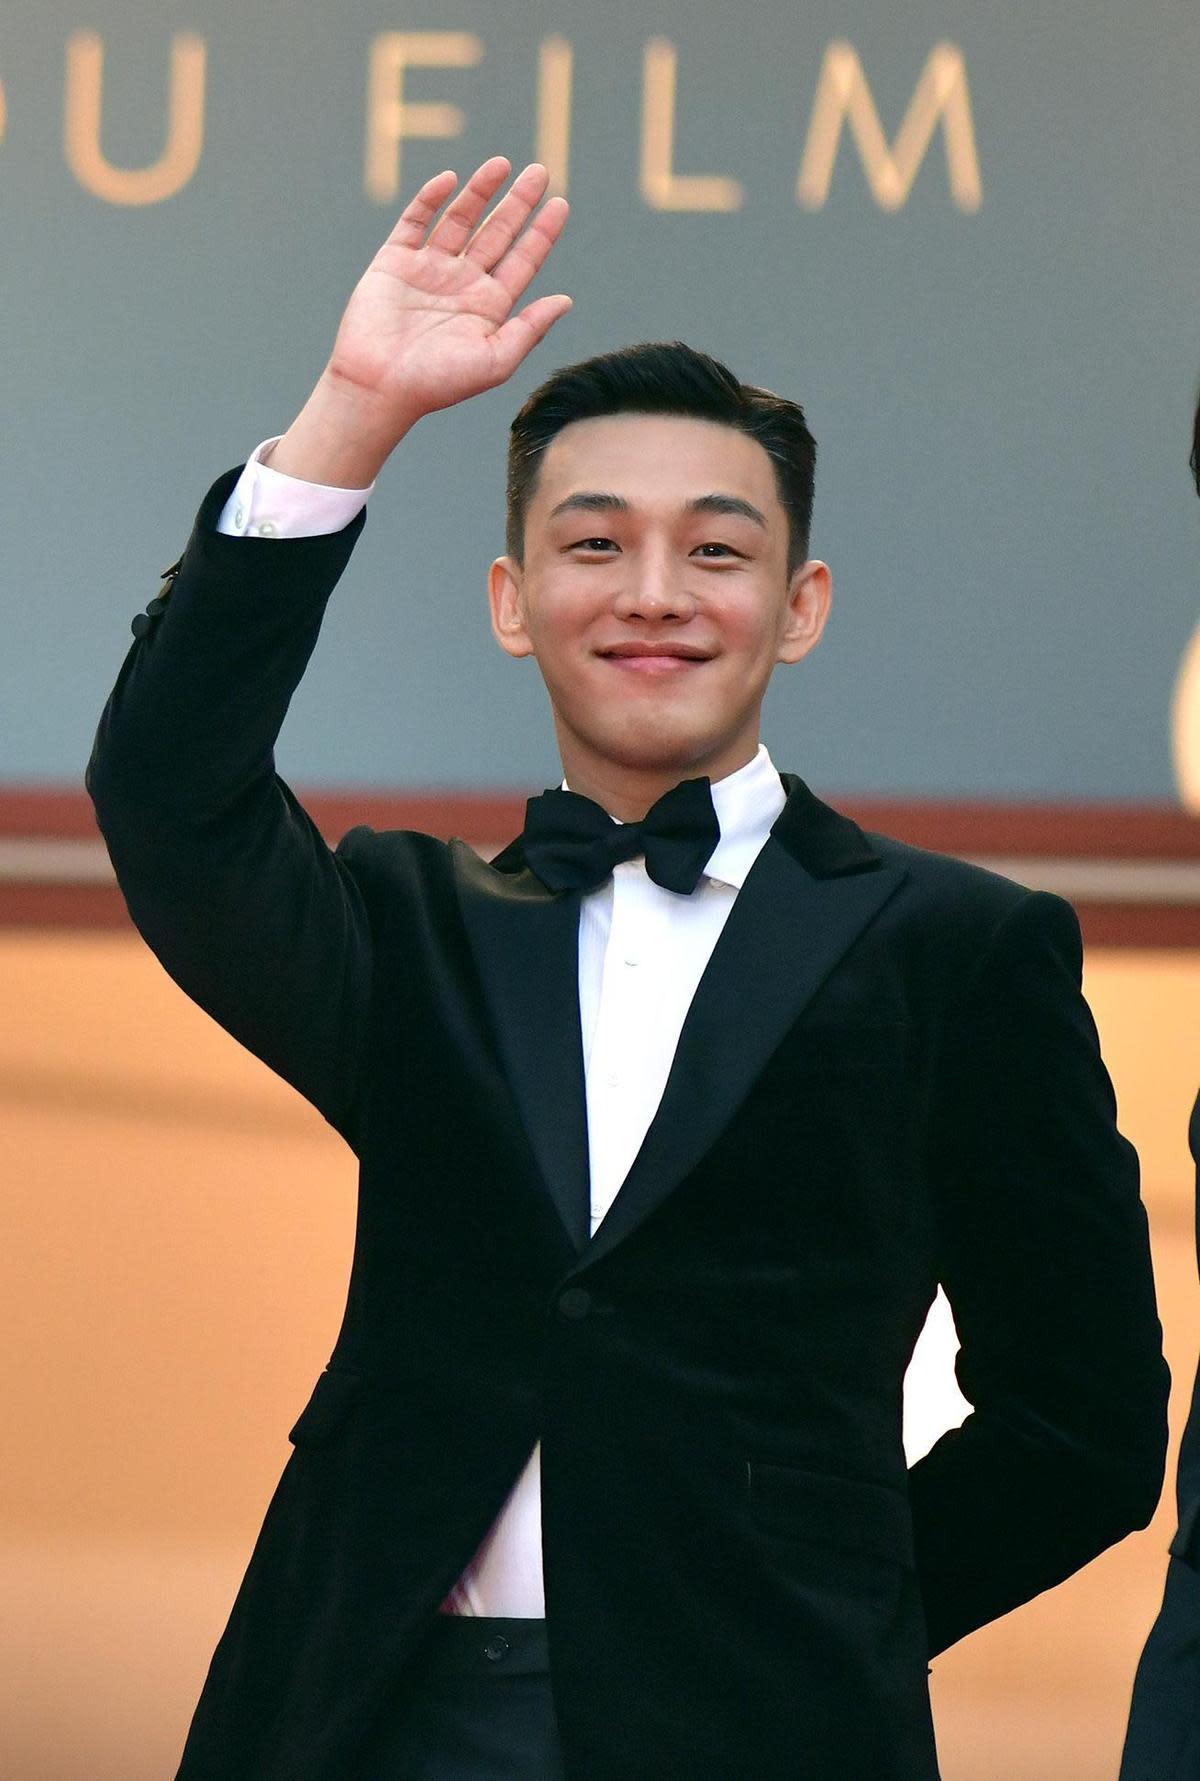 導演李滄東讚劉亞仁是《燃燒烈愛》不可替代的演員,能表達出極端的細微差別和敏感度。(東方IC)